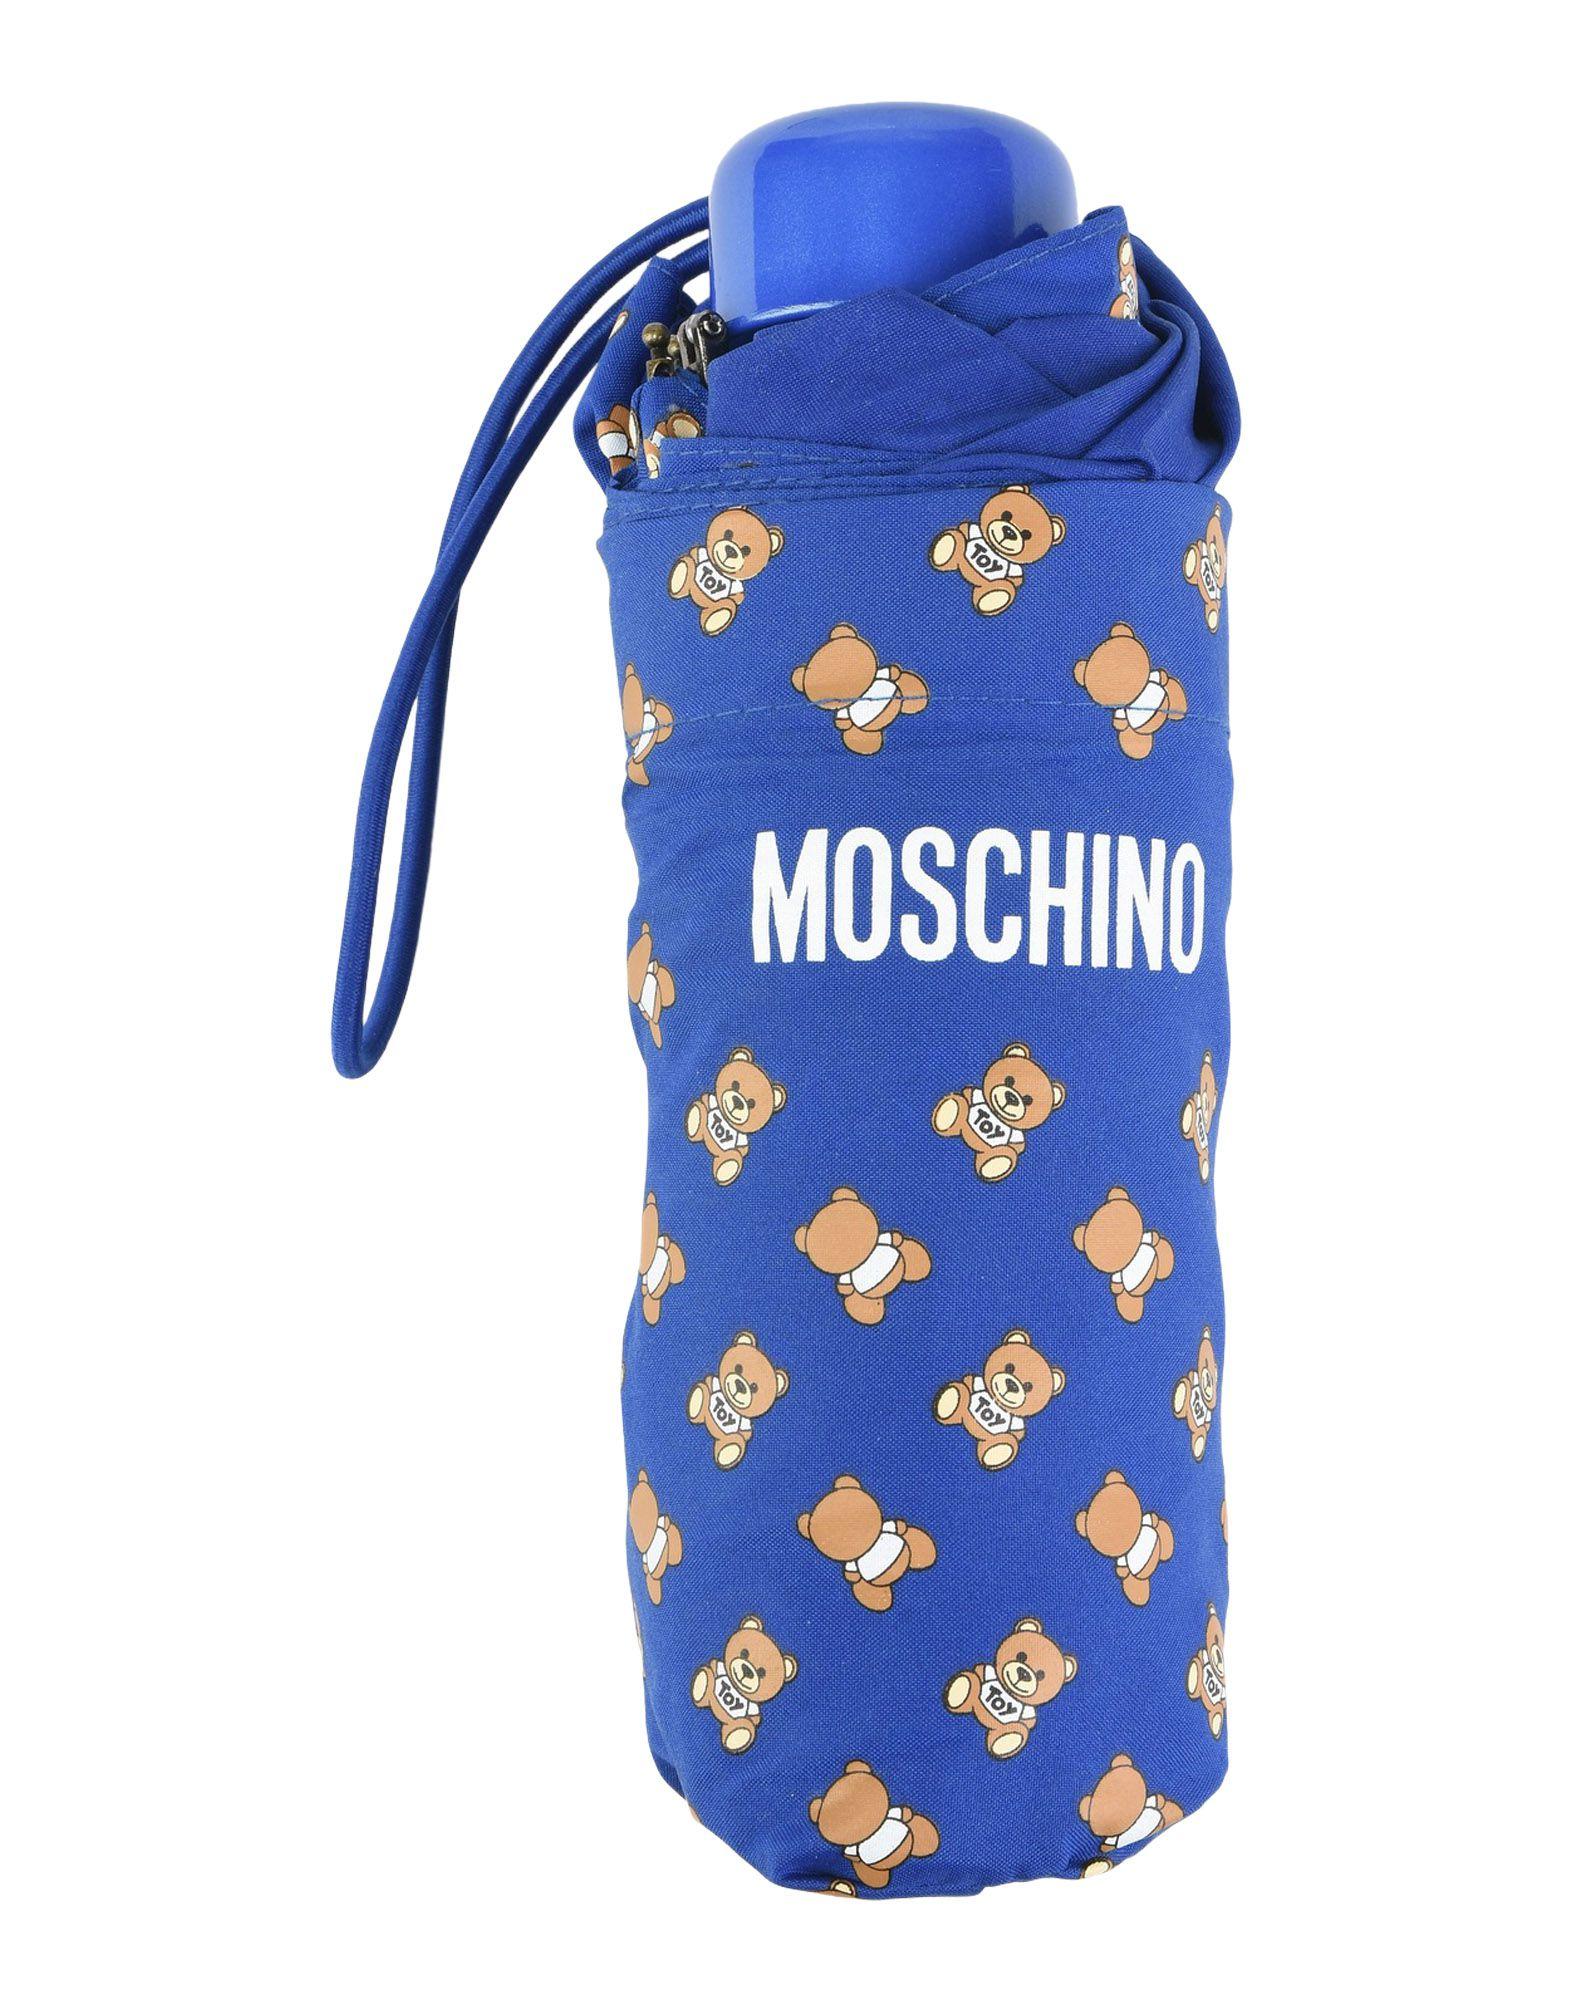 MOSCHINO Зонт зонт трость moschino moschino mo351dwyro34